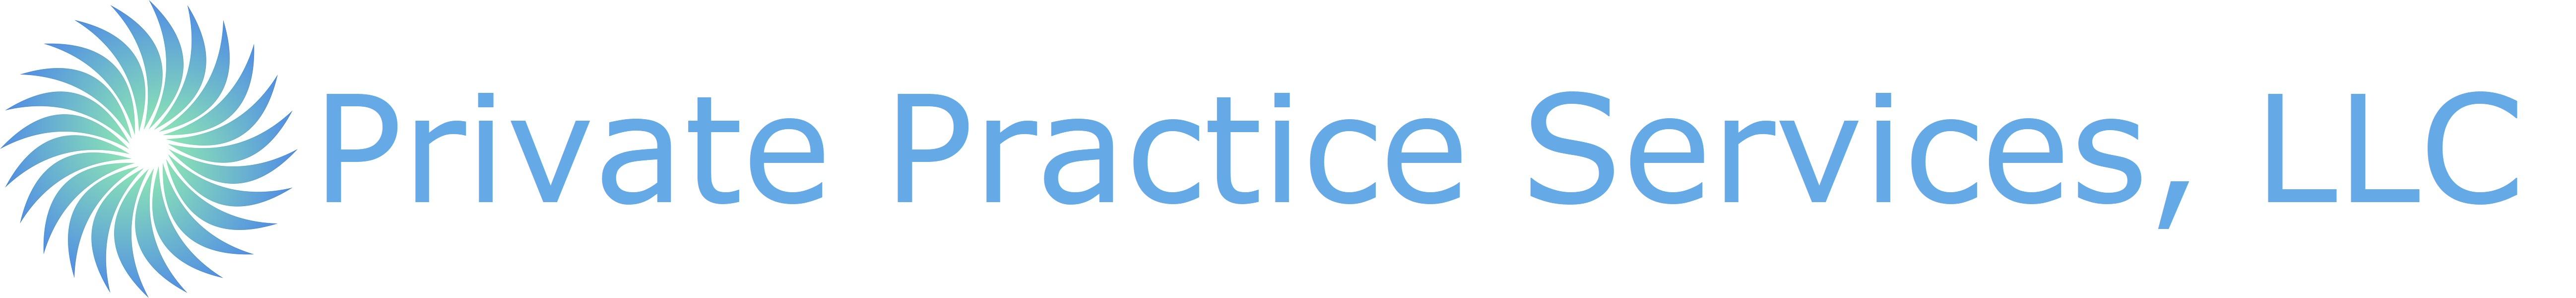 Private Practice Service